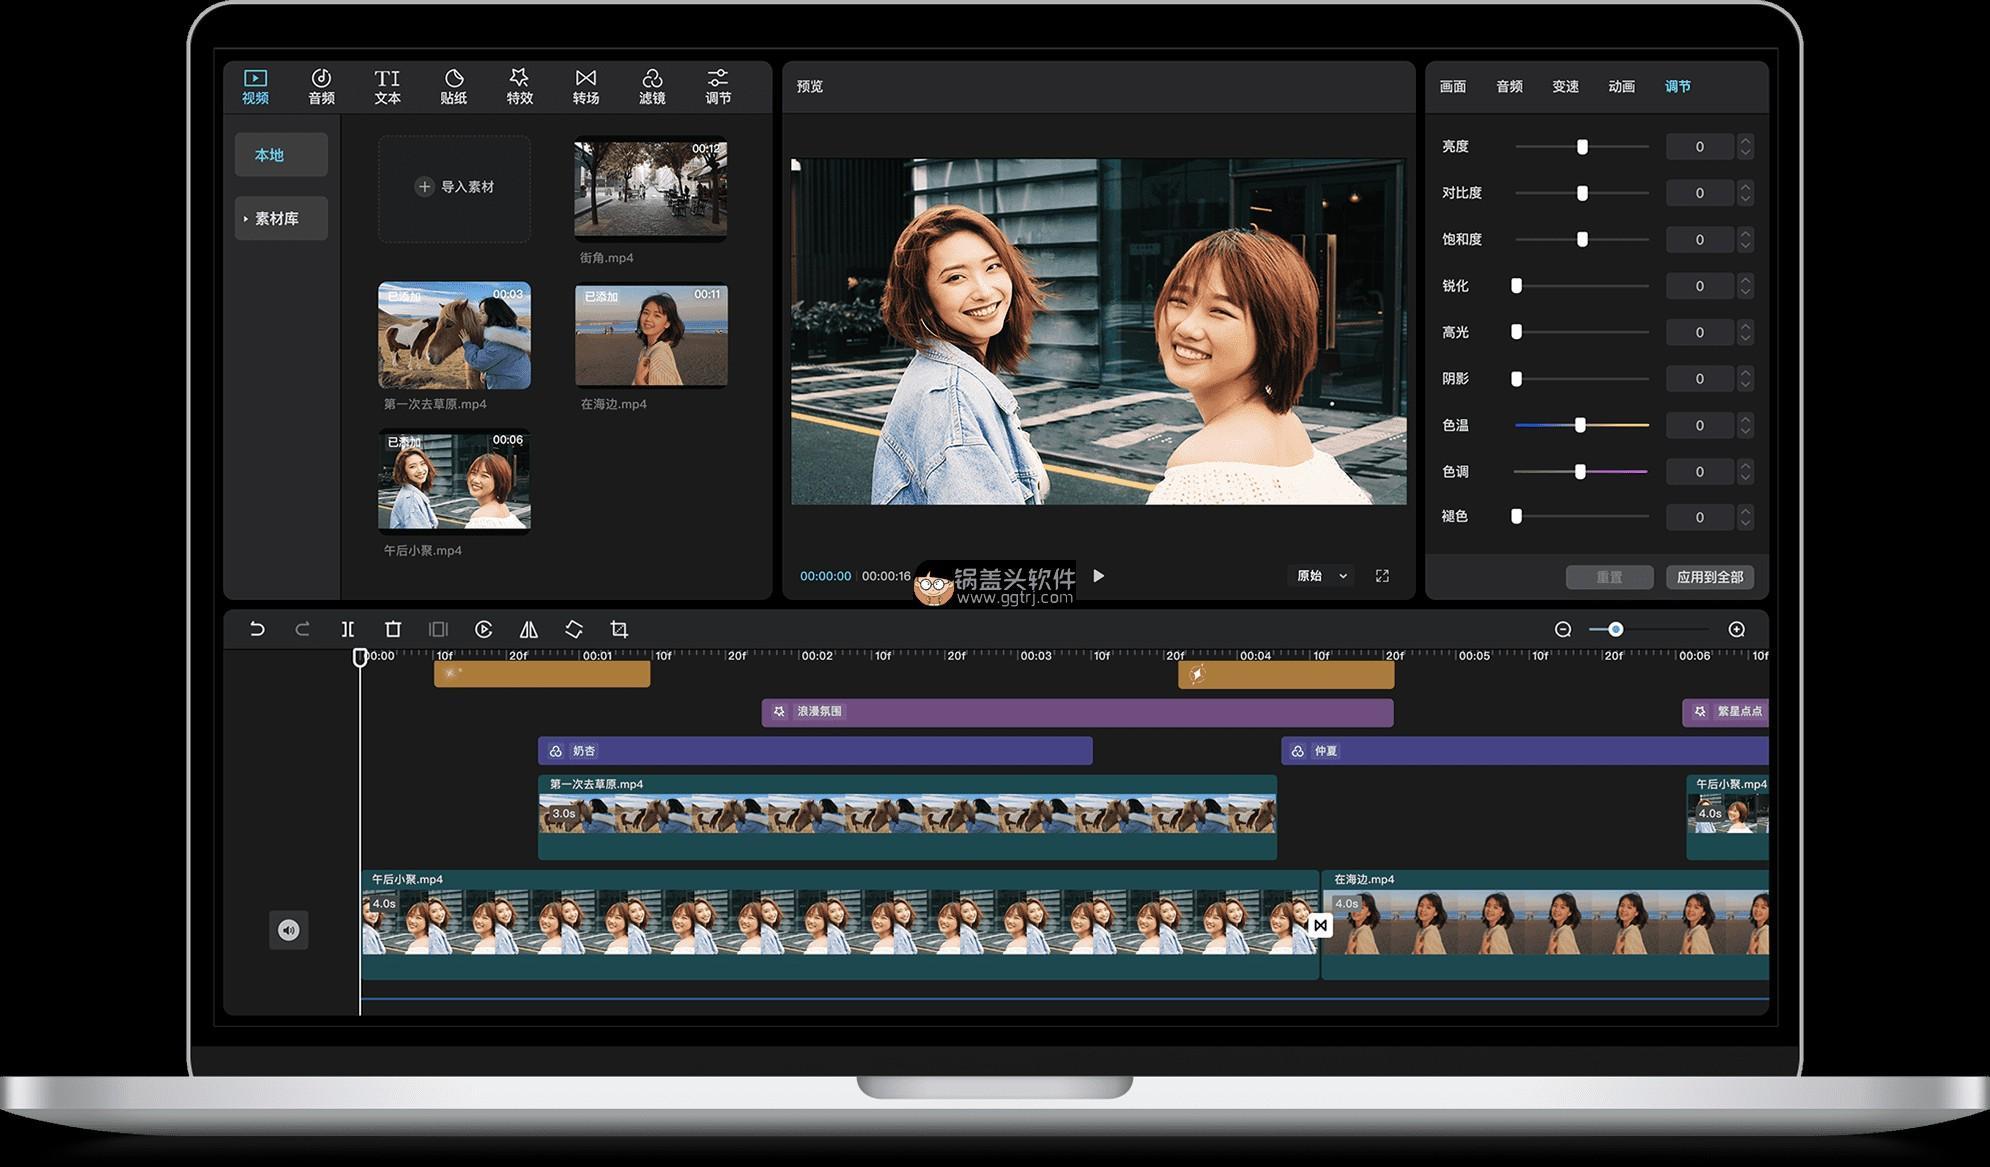 剪映专业版 v0.6.9 for Windows 电脑版内测 视频编辑 视频剪辑 第1张